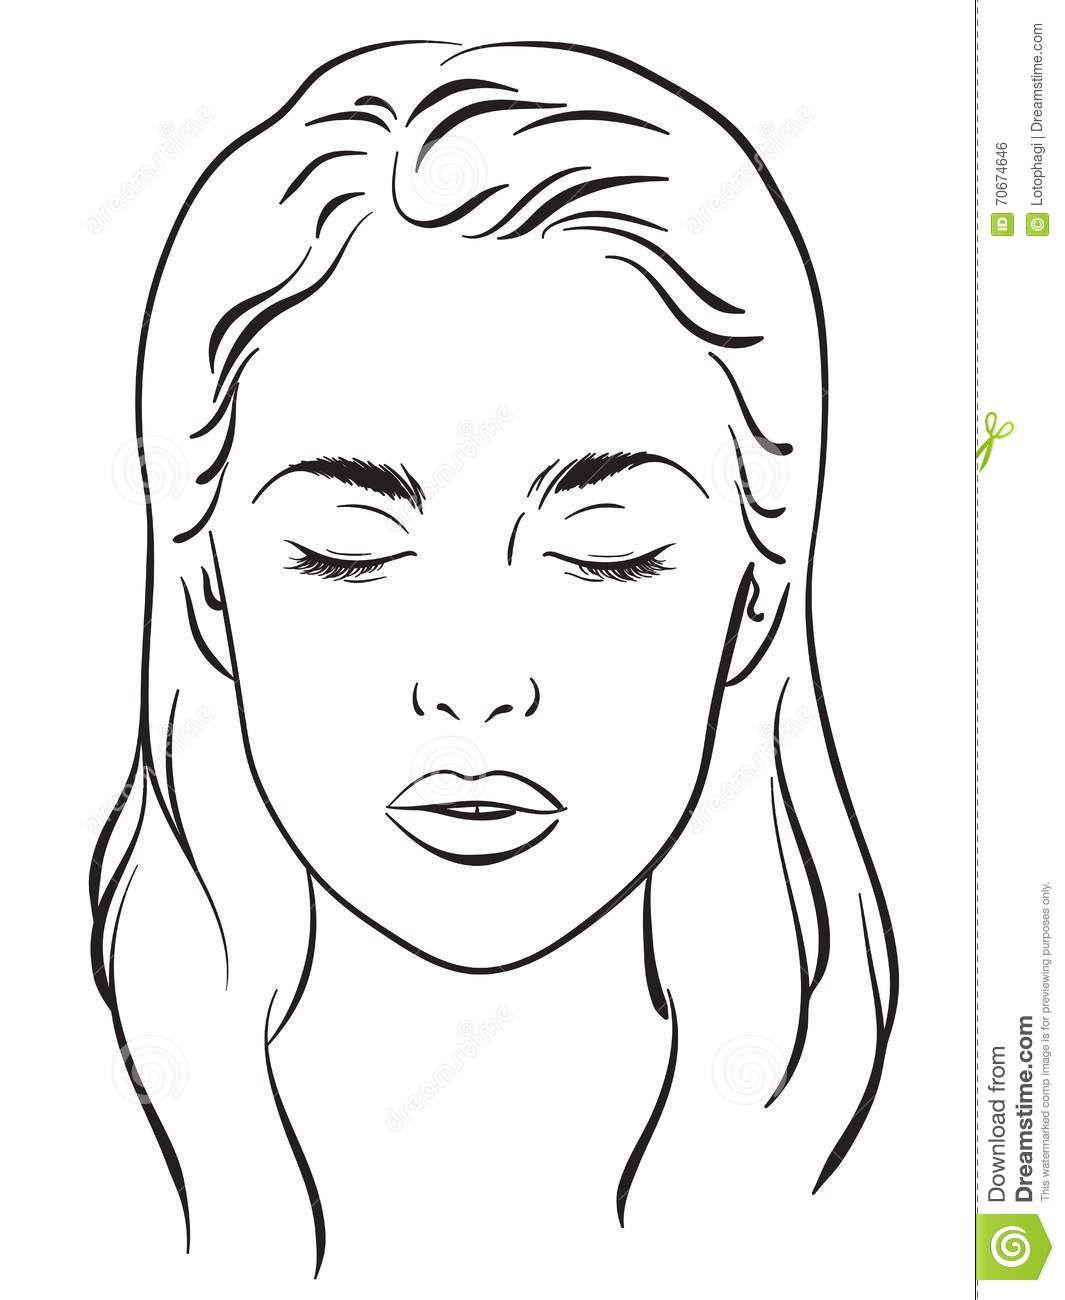 Gesicht Diagramm Make Up Kunstler Blank Vorlage 7